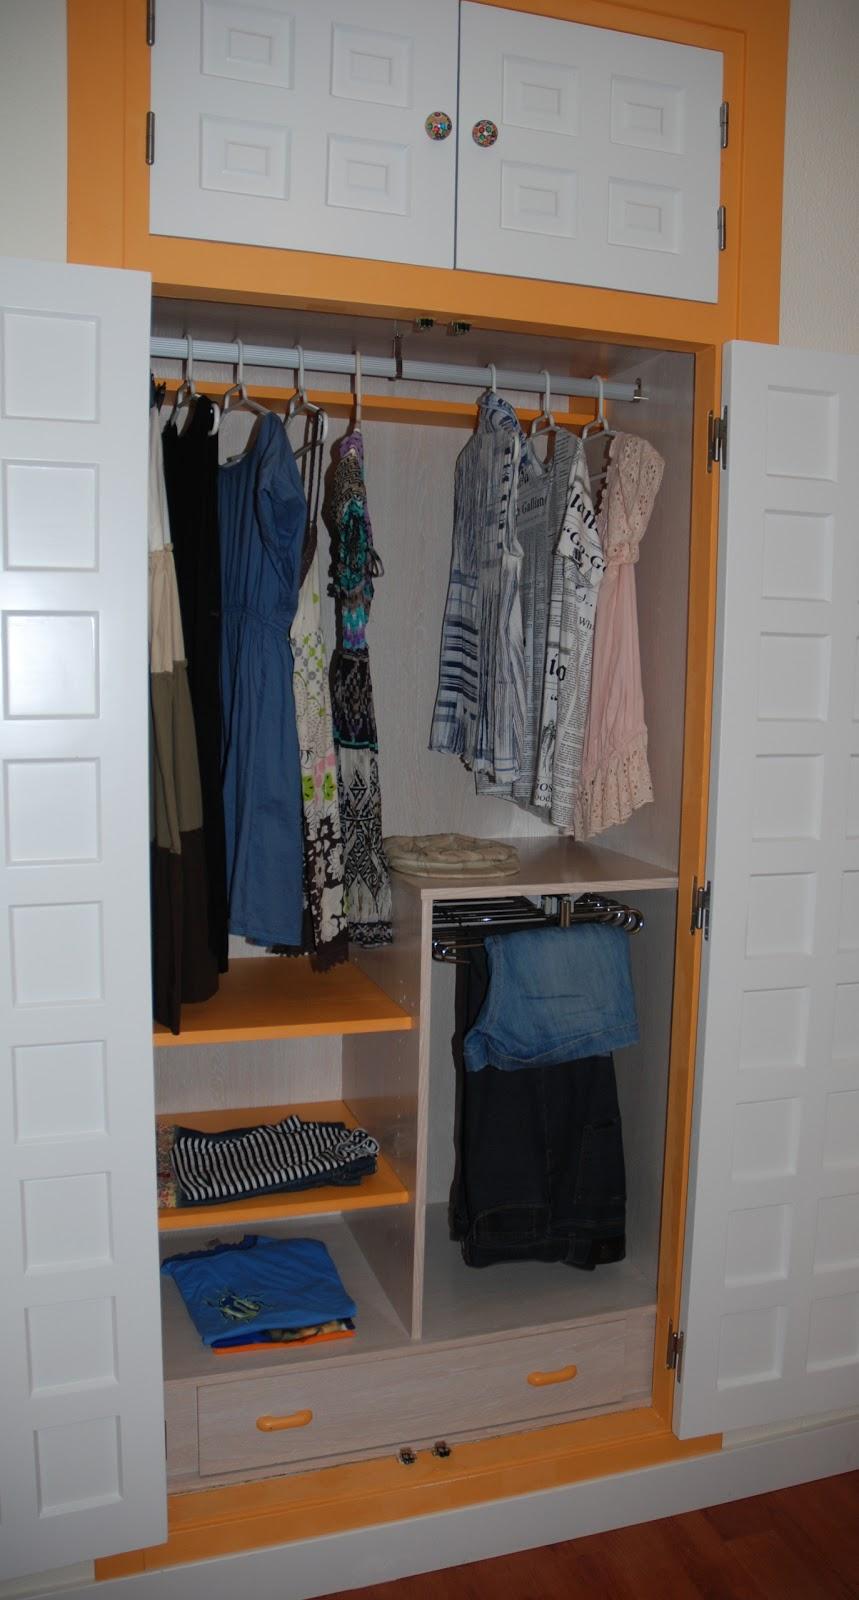 Caballito de cart n forrar armario empotrado montaje - Montaje armario empotrado ...